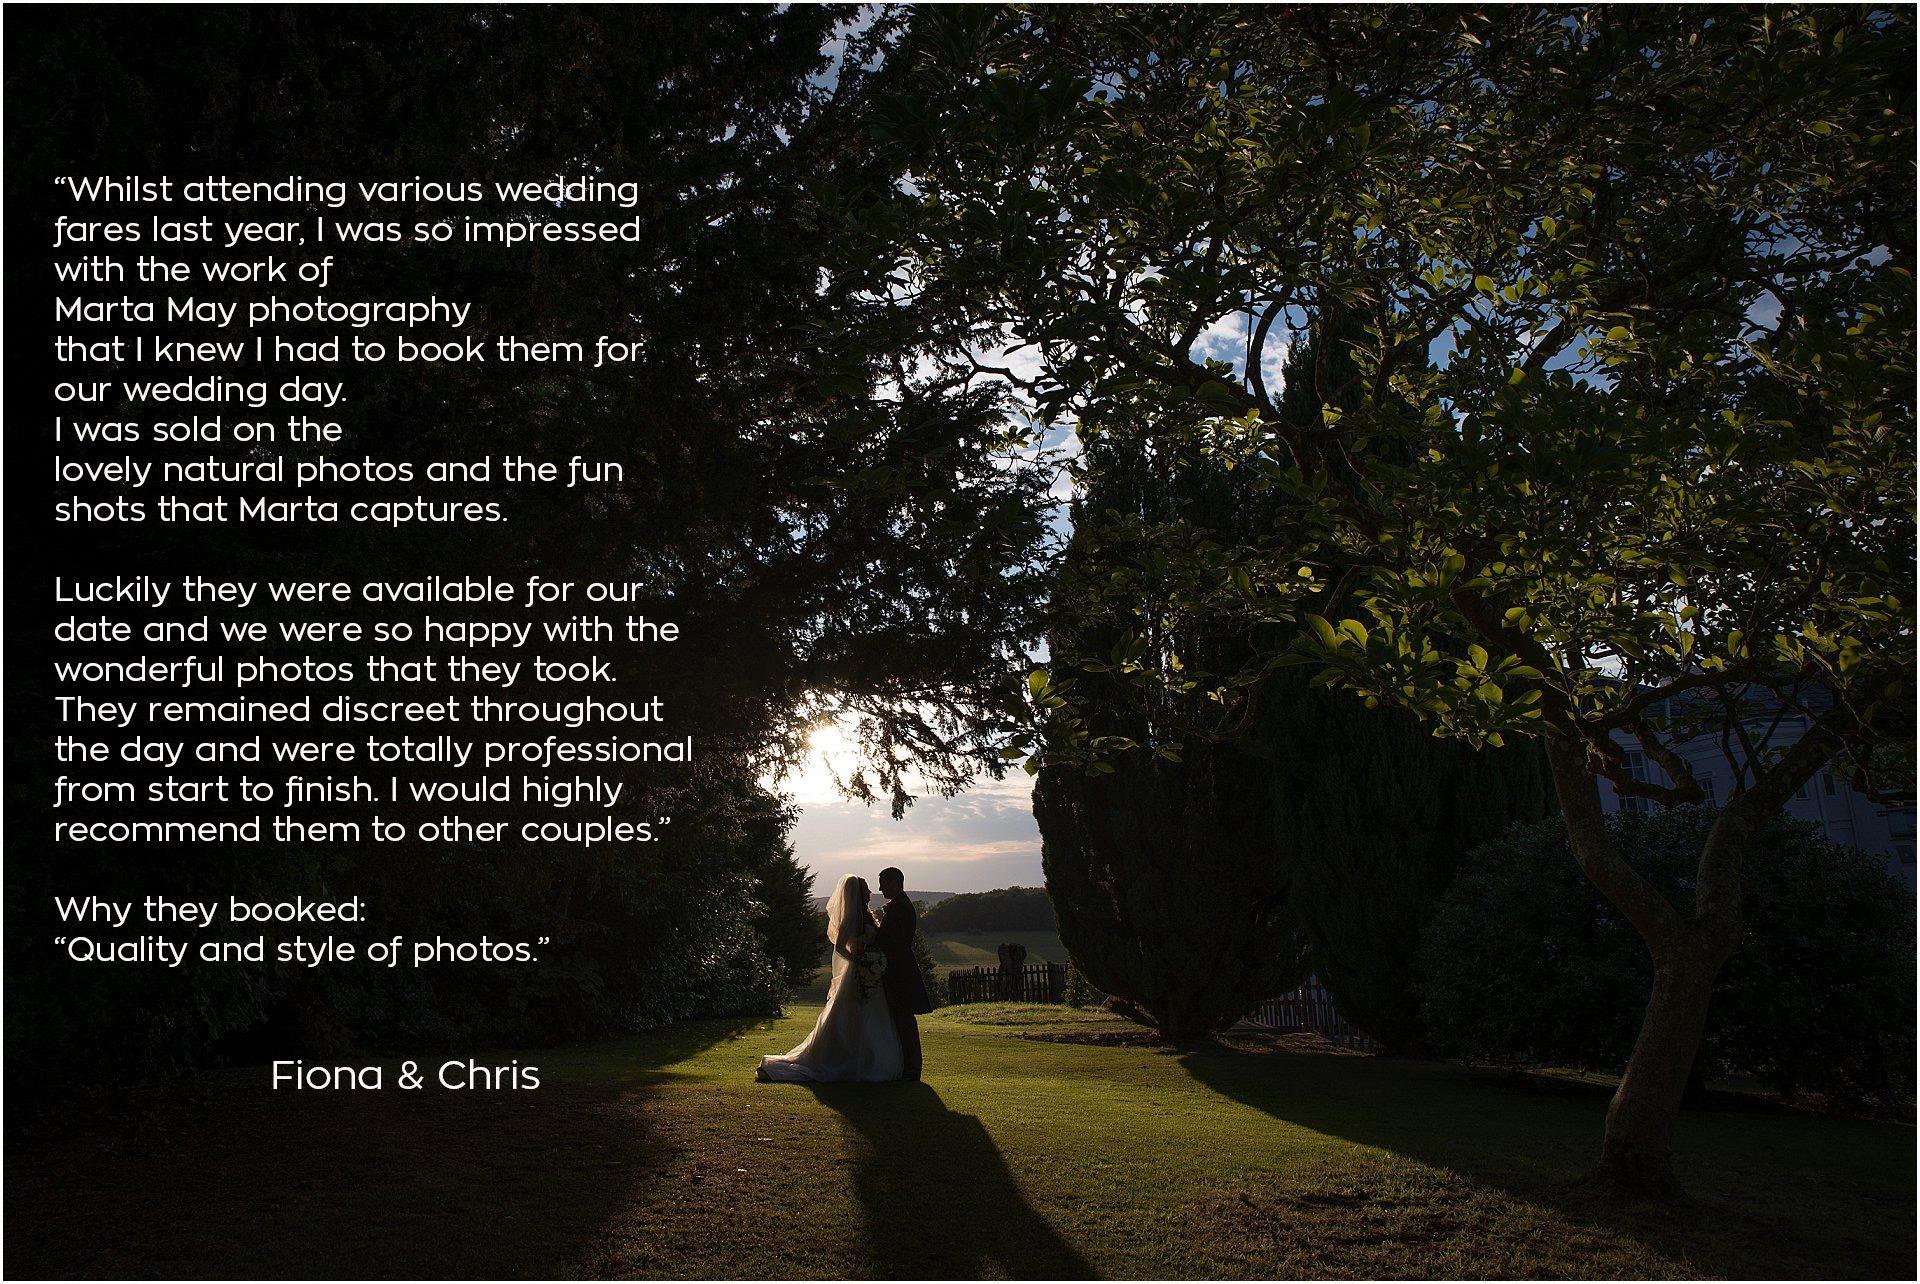 Pengethley Manor Ross on Wye Wedding Photographer